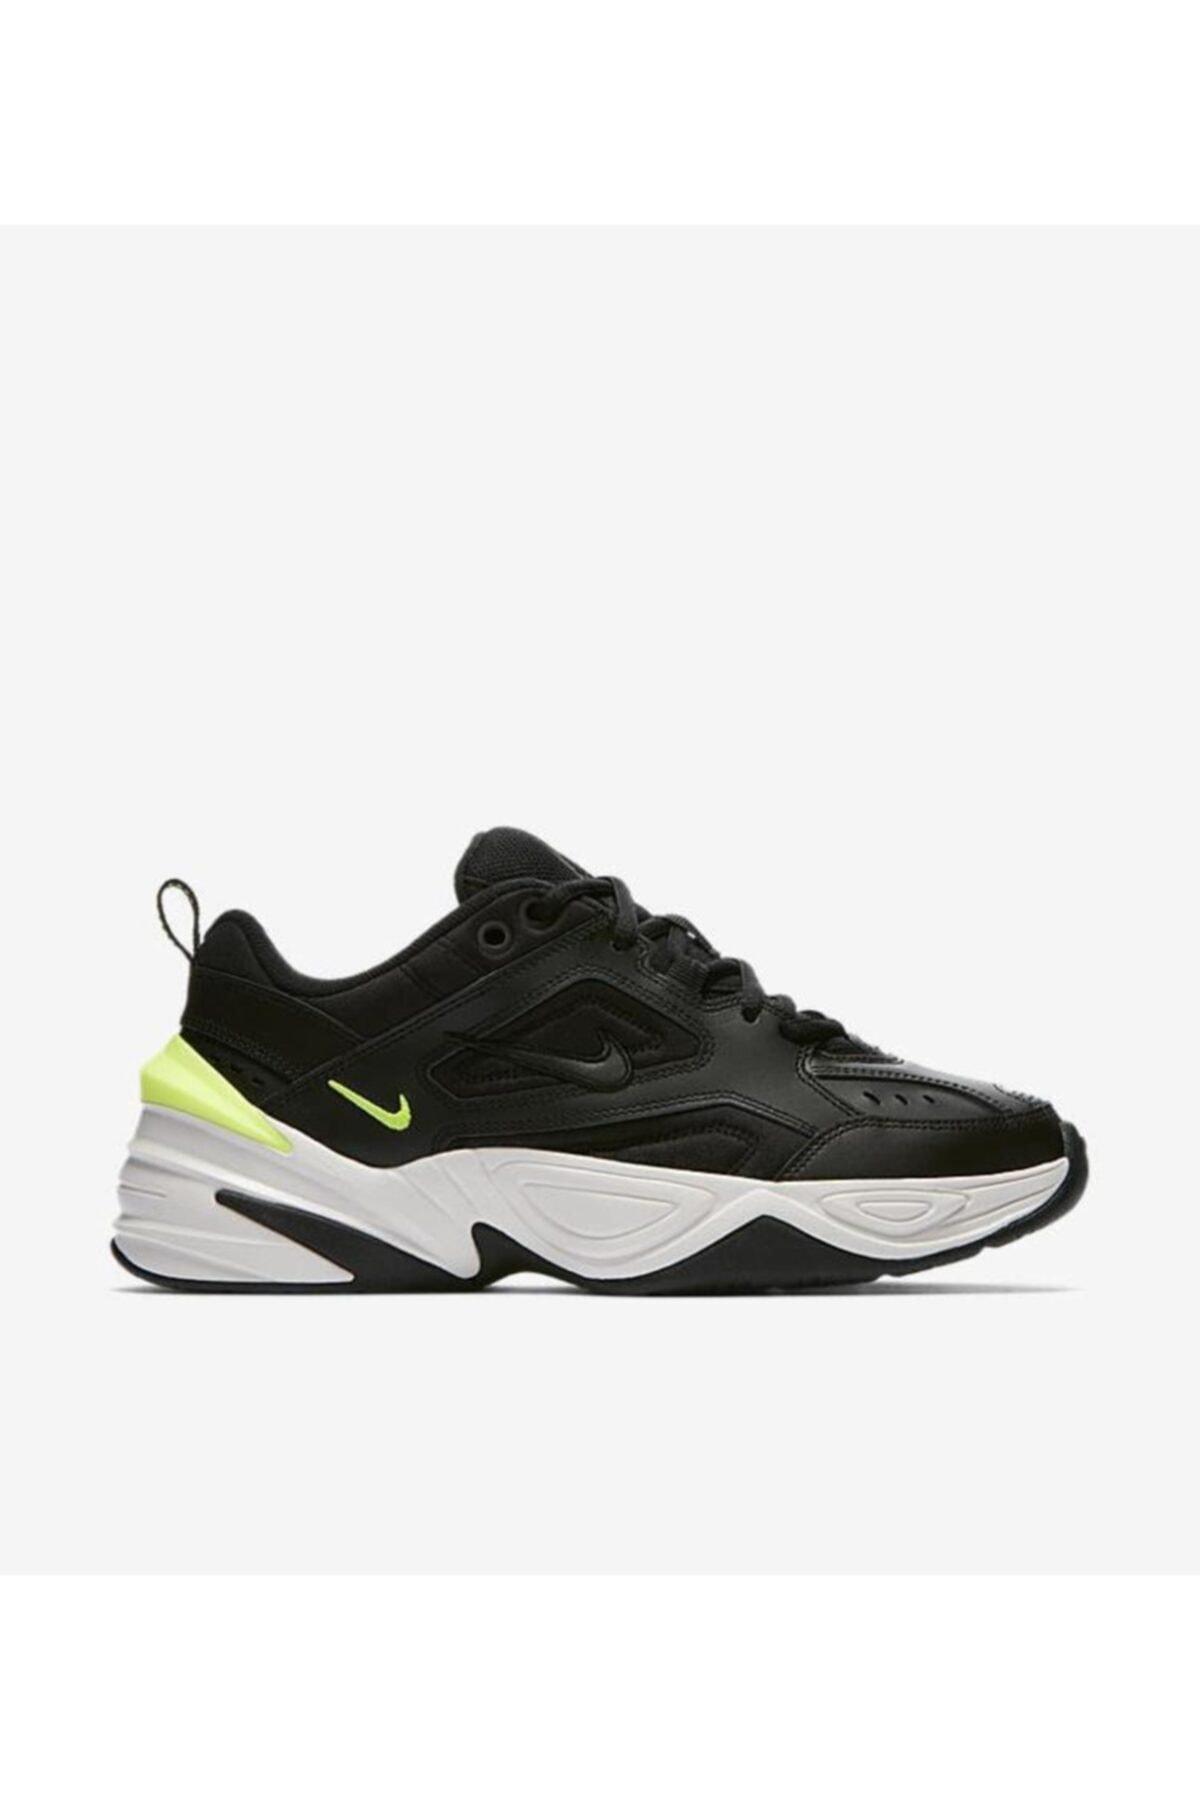 Nike M2k Tekno Ao3108-002 Kadın Spor Ayakkabısı 1